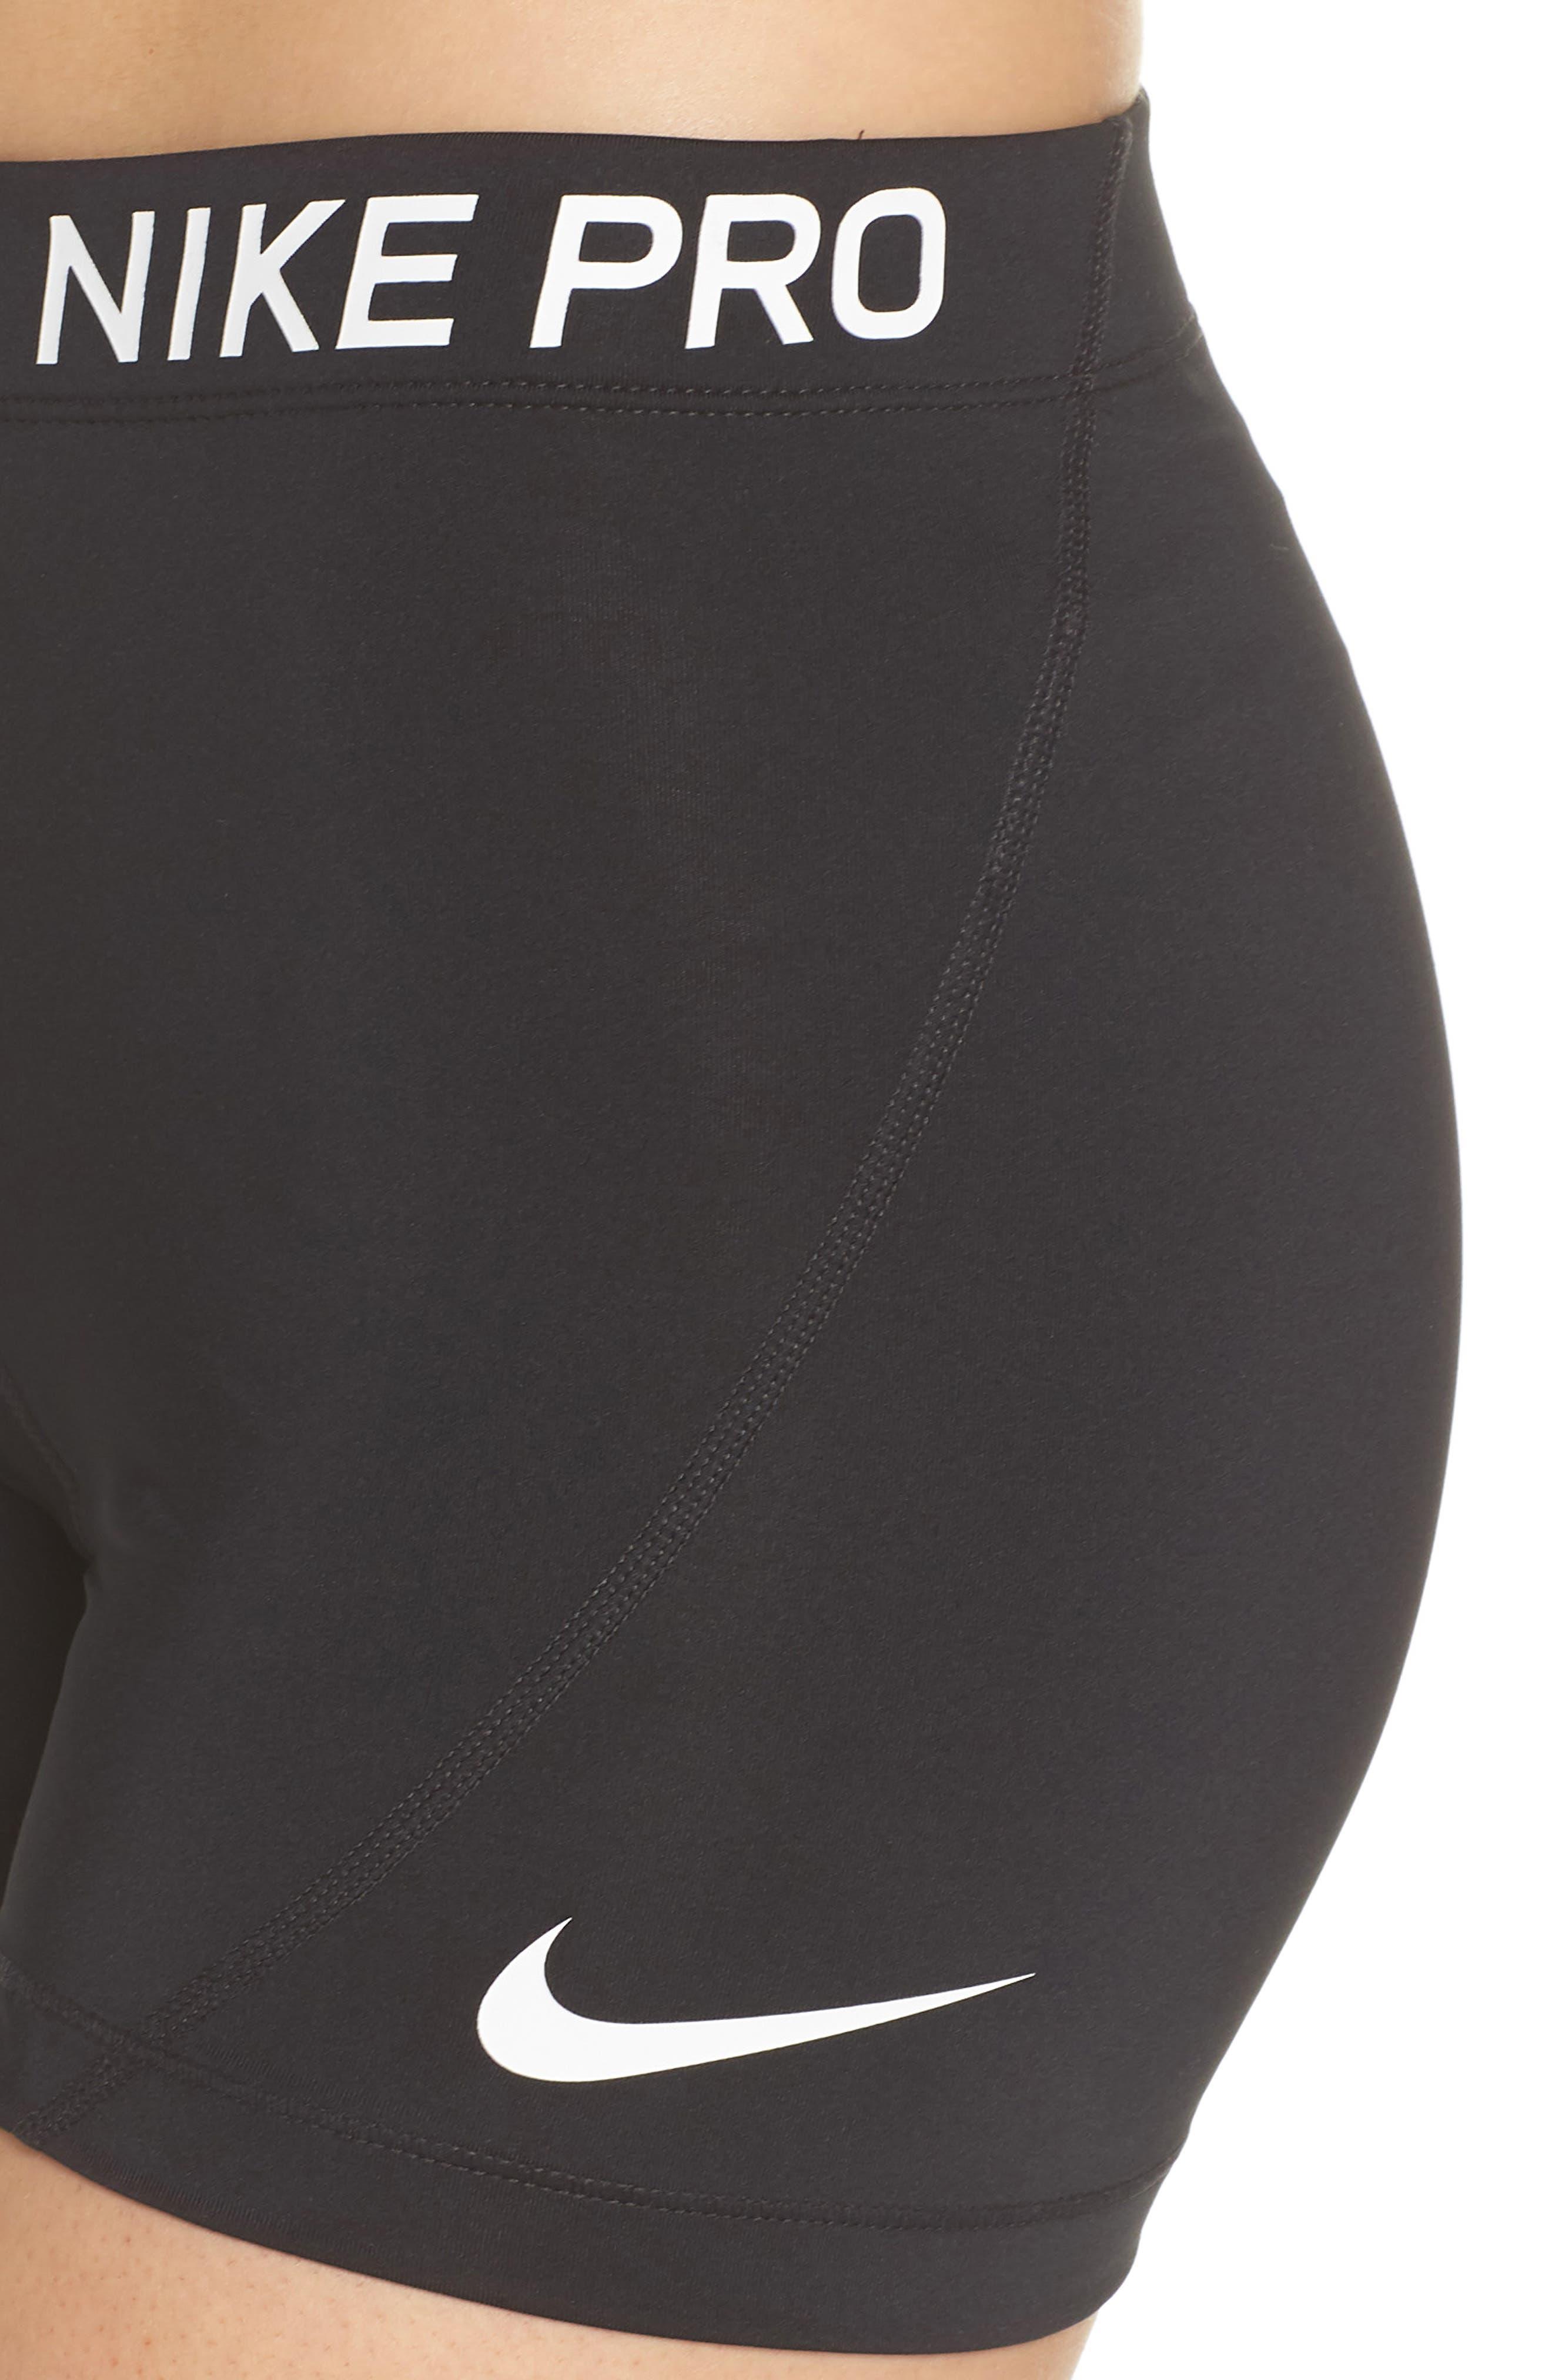 Pro Short Shorts,                             Alternate thumbnail 4, color,                             Black/ White